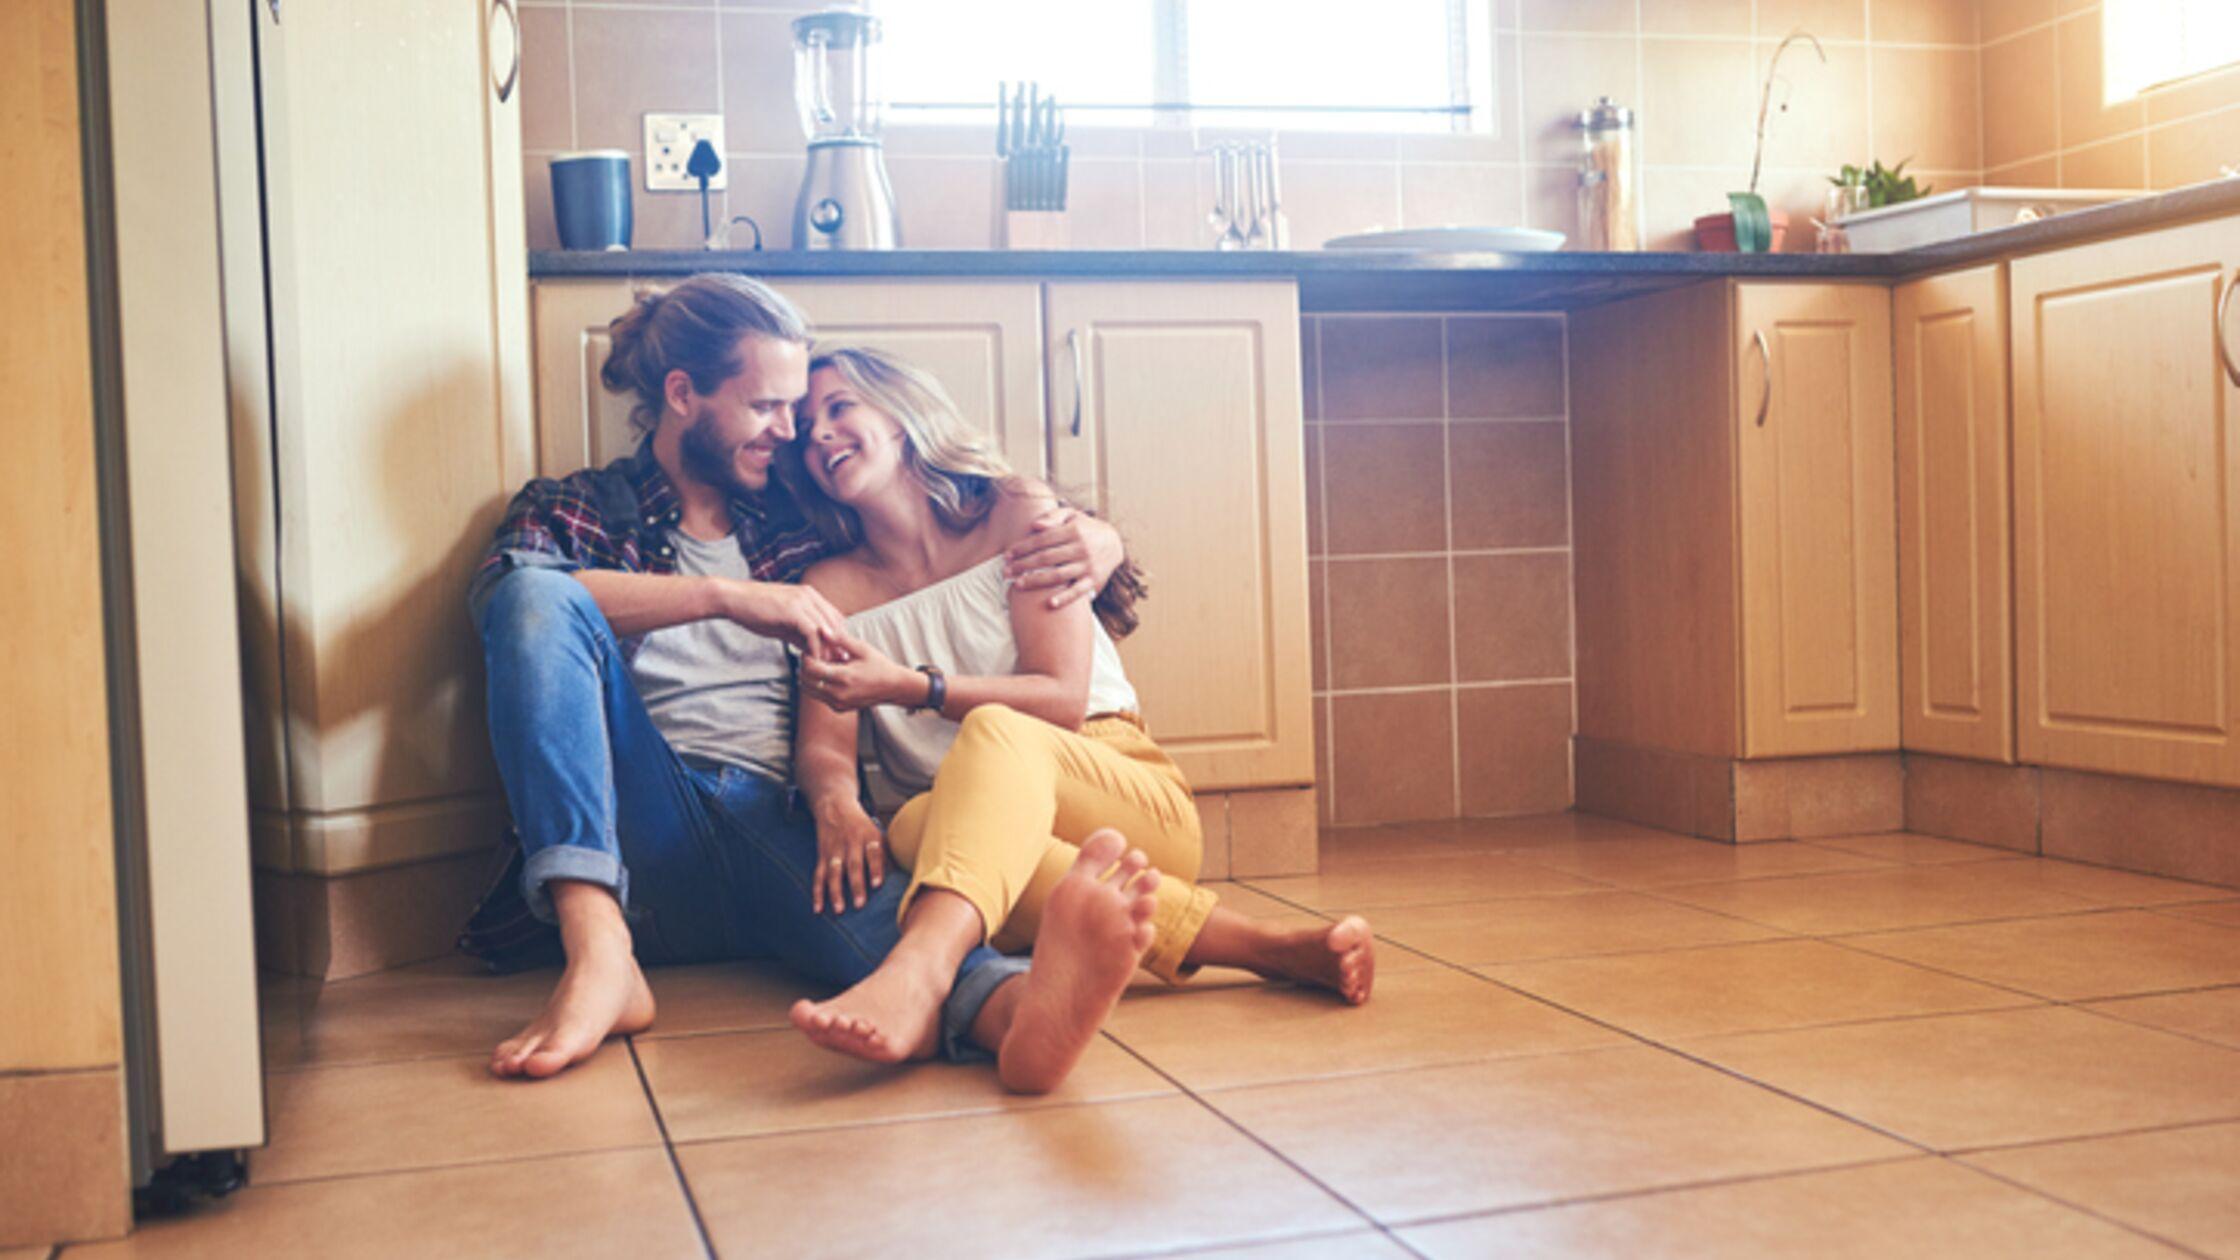 Für warme Füße: Fußbodenheizung nachträglich einbauen